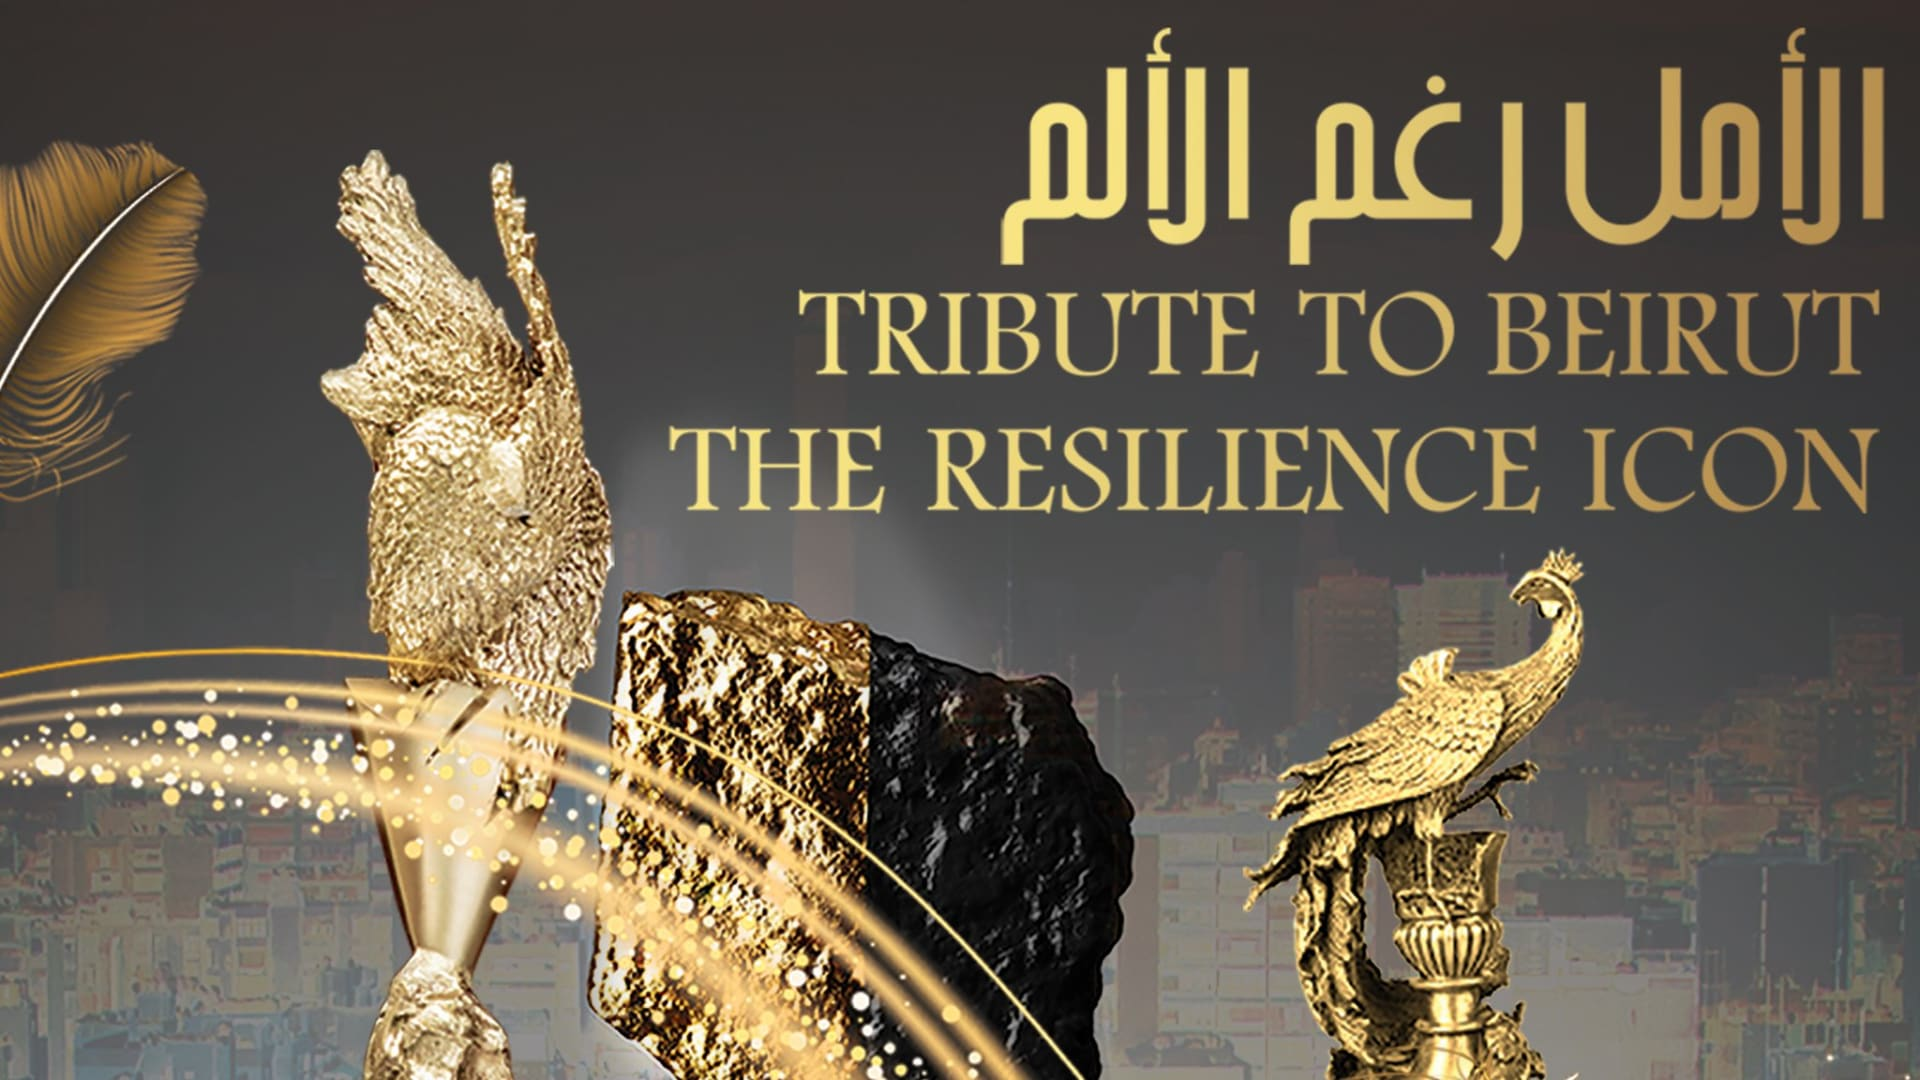 """جوائز """"الموريكس دور"""" تحتفل بالذكرى الـ 20 لانطلاقتها تحت شعار """"الألم رغم الألم"""""""